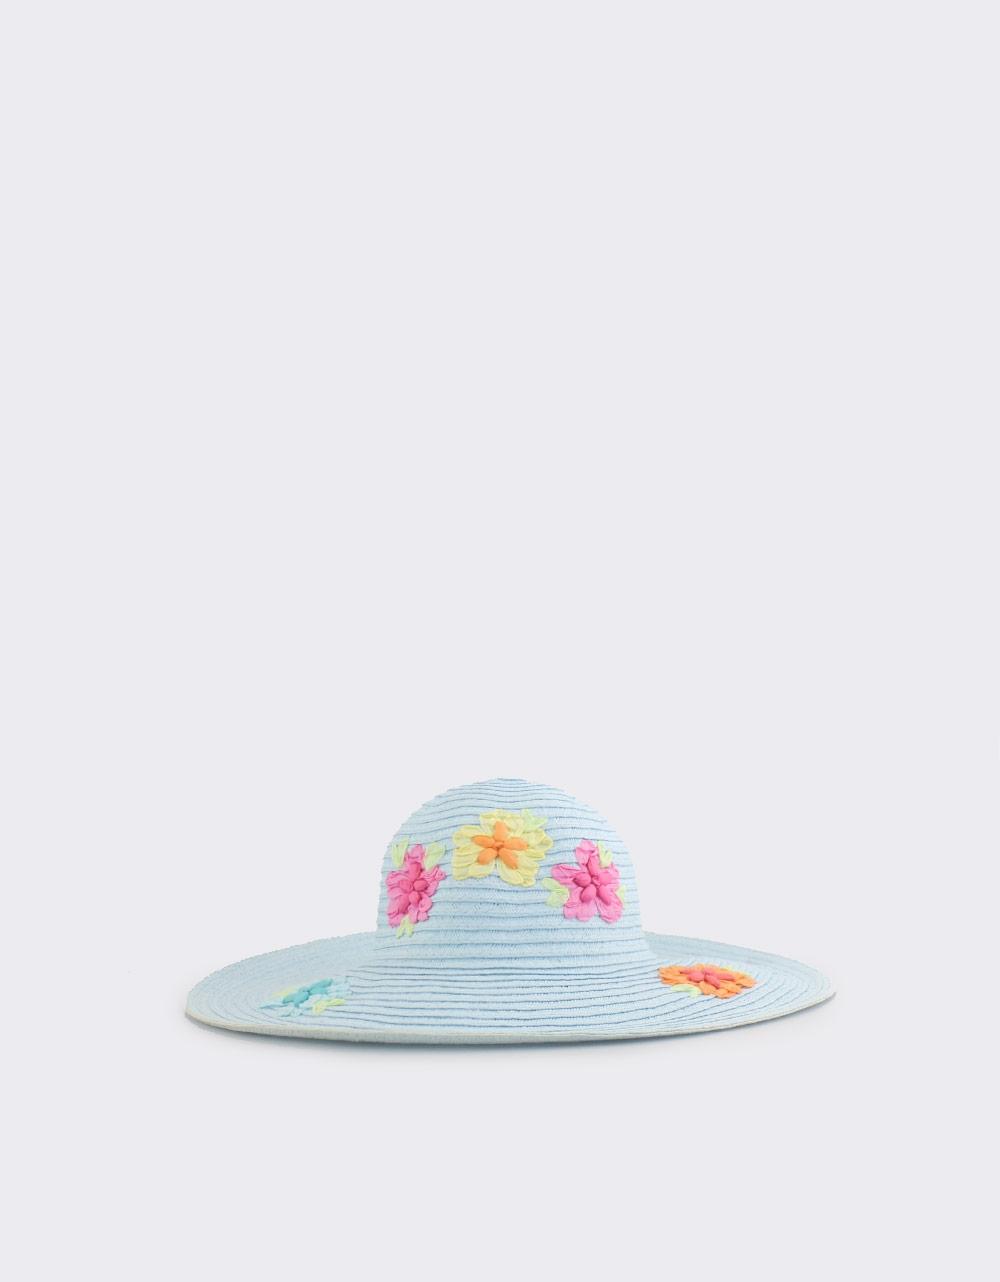 Εικόνα από Γυναικεία καπέλα με λουλουδάκια Σιέλ